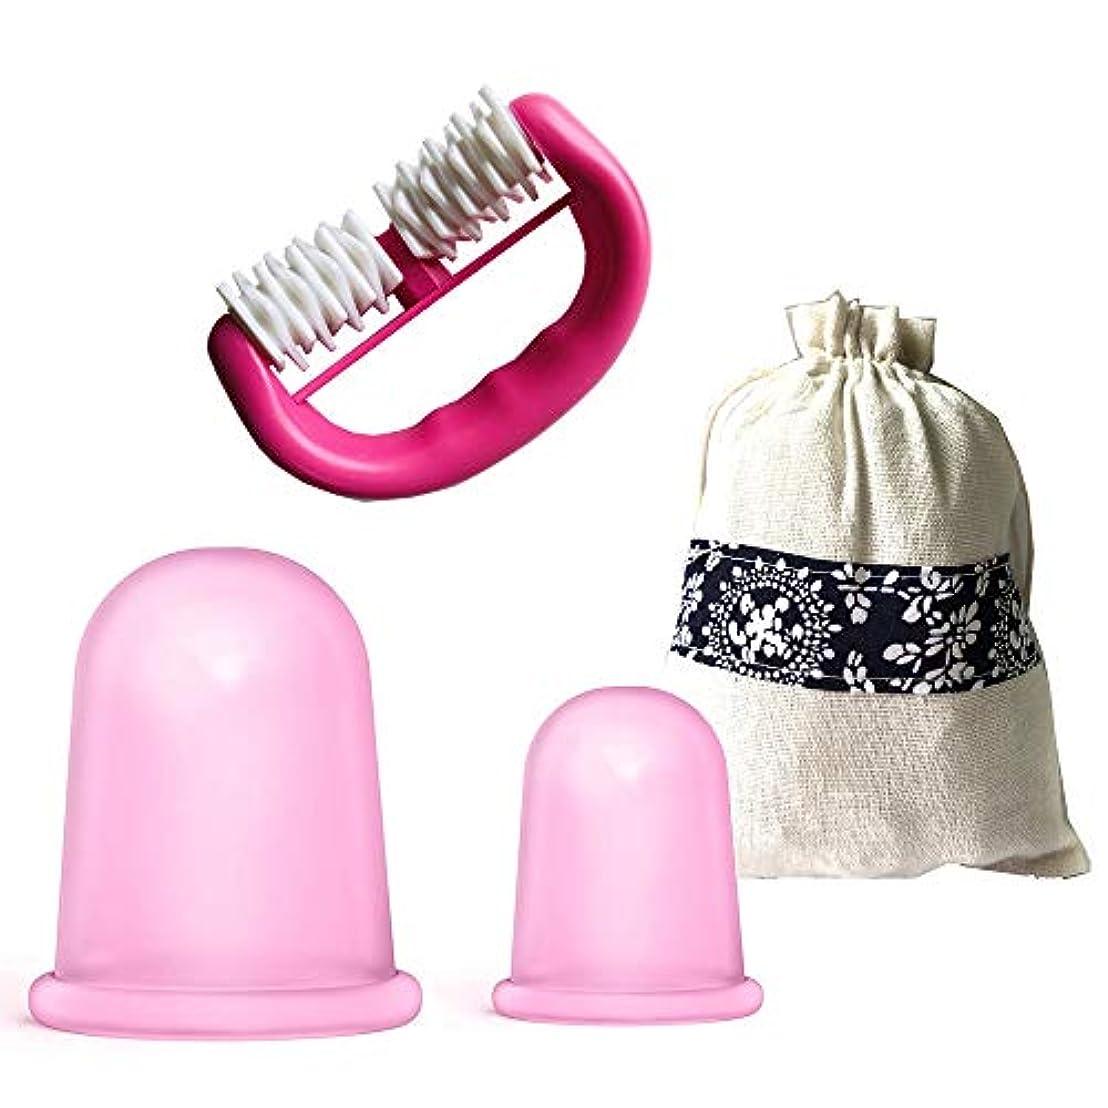 ブラケット羊霜セルライトカッピングセラピーセットシリコンカッピングマッサージカップモイスチャーガシャ+ローラーマッサージャー付きギフトバッグ,Pink